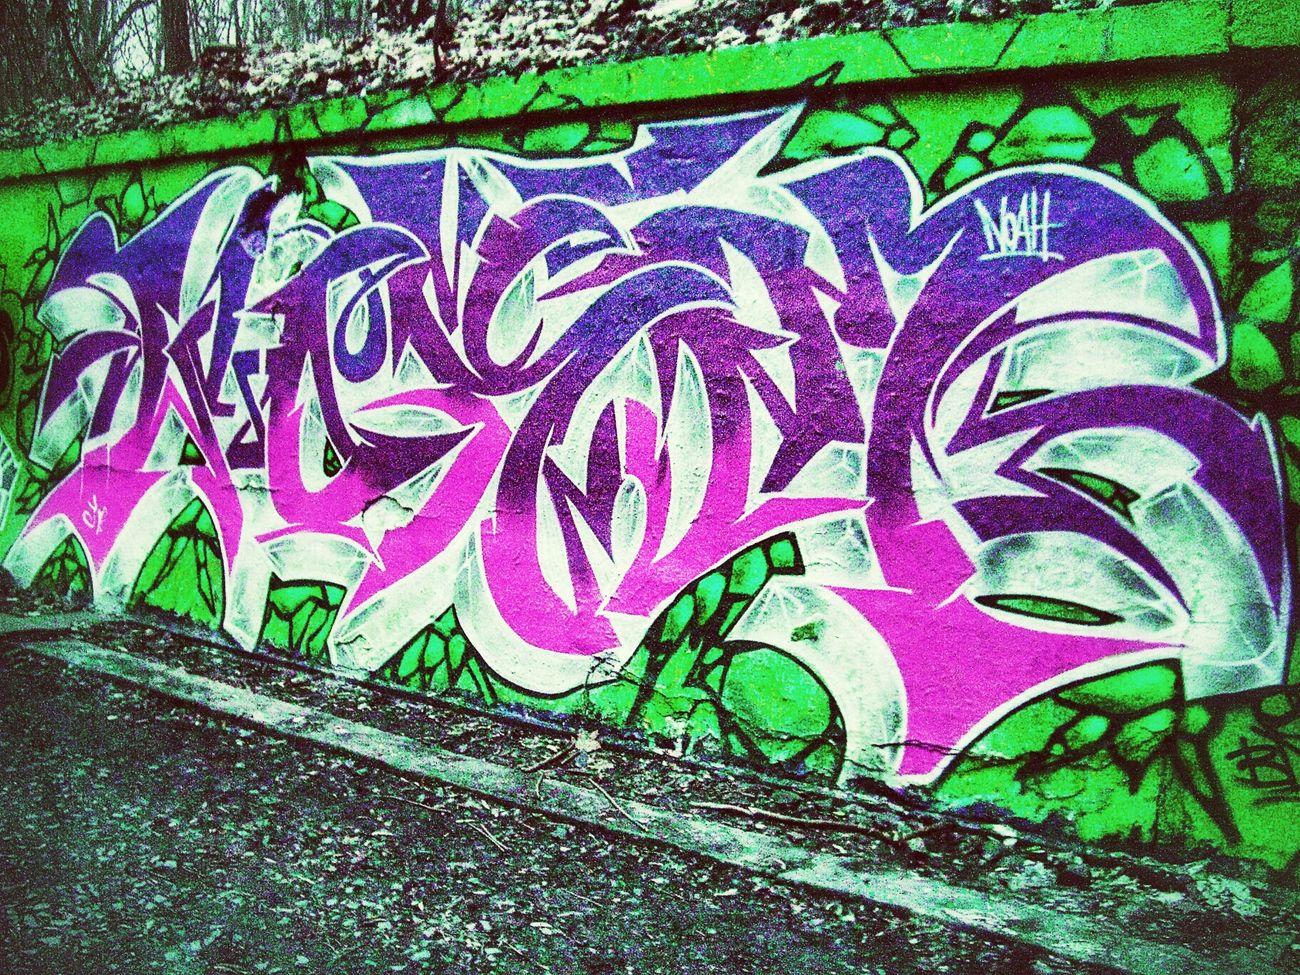 Hanging Out Graffiti Graffiti The World